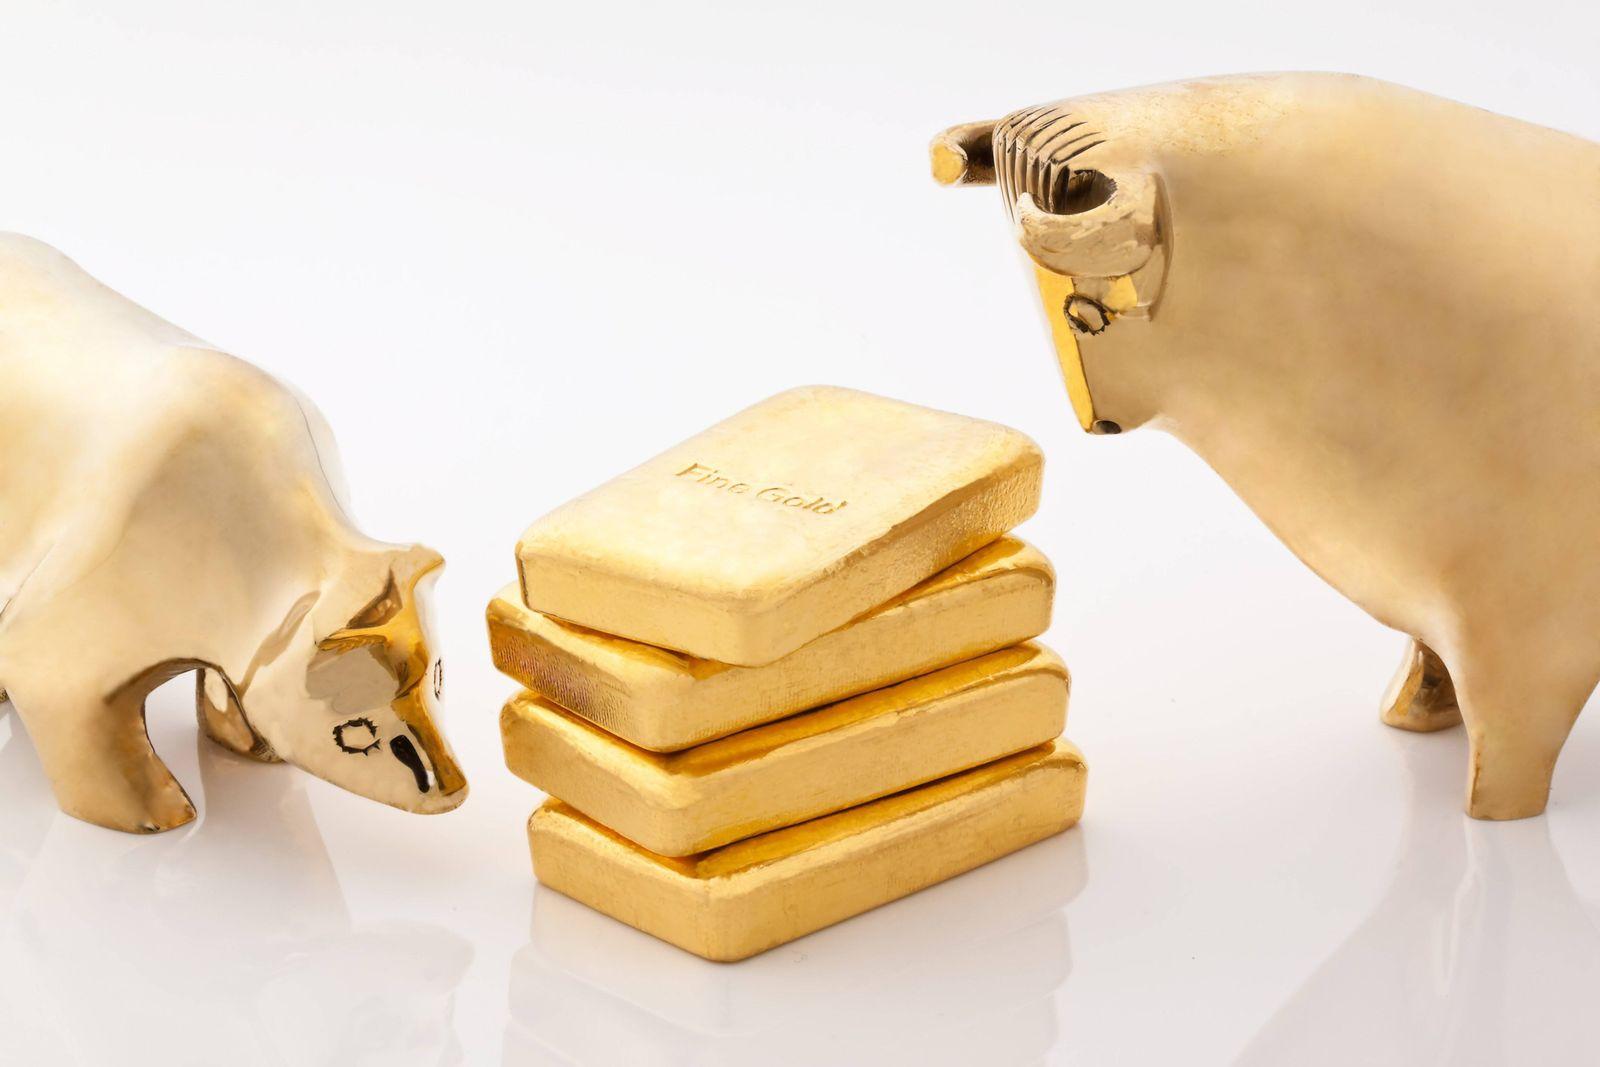 Goldpreis steigt auf Fünfjahreshoch Fotomontagen Bulle und Bär Börsen Symbole mit Goldbarren BLWX